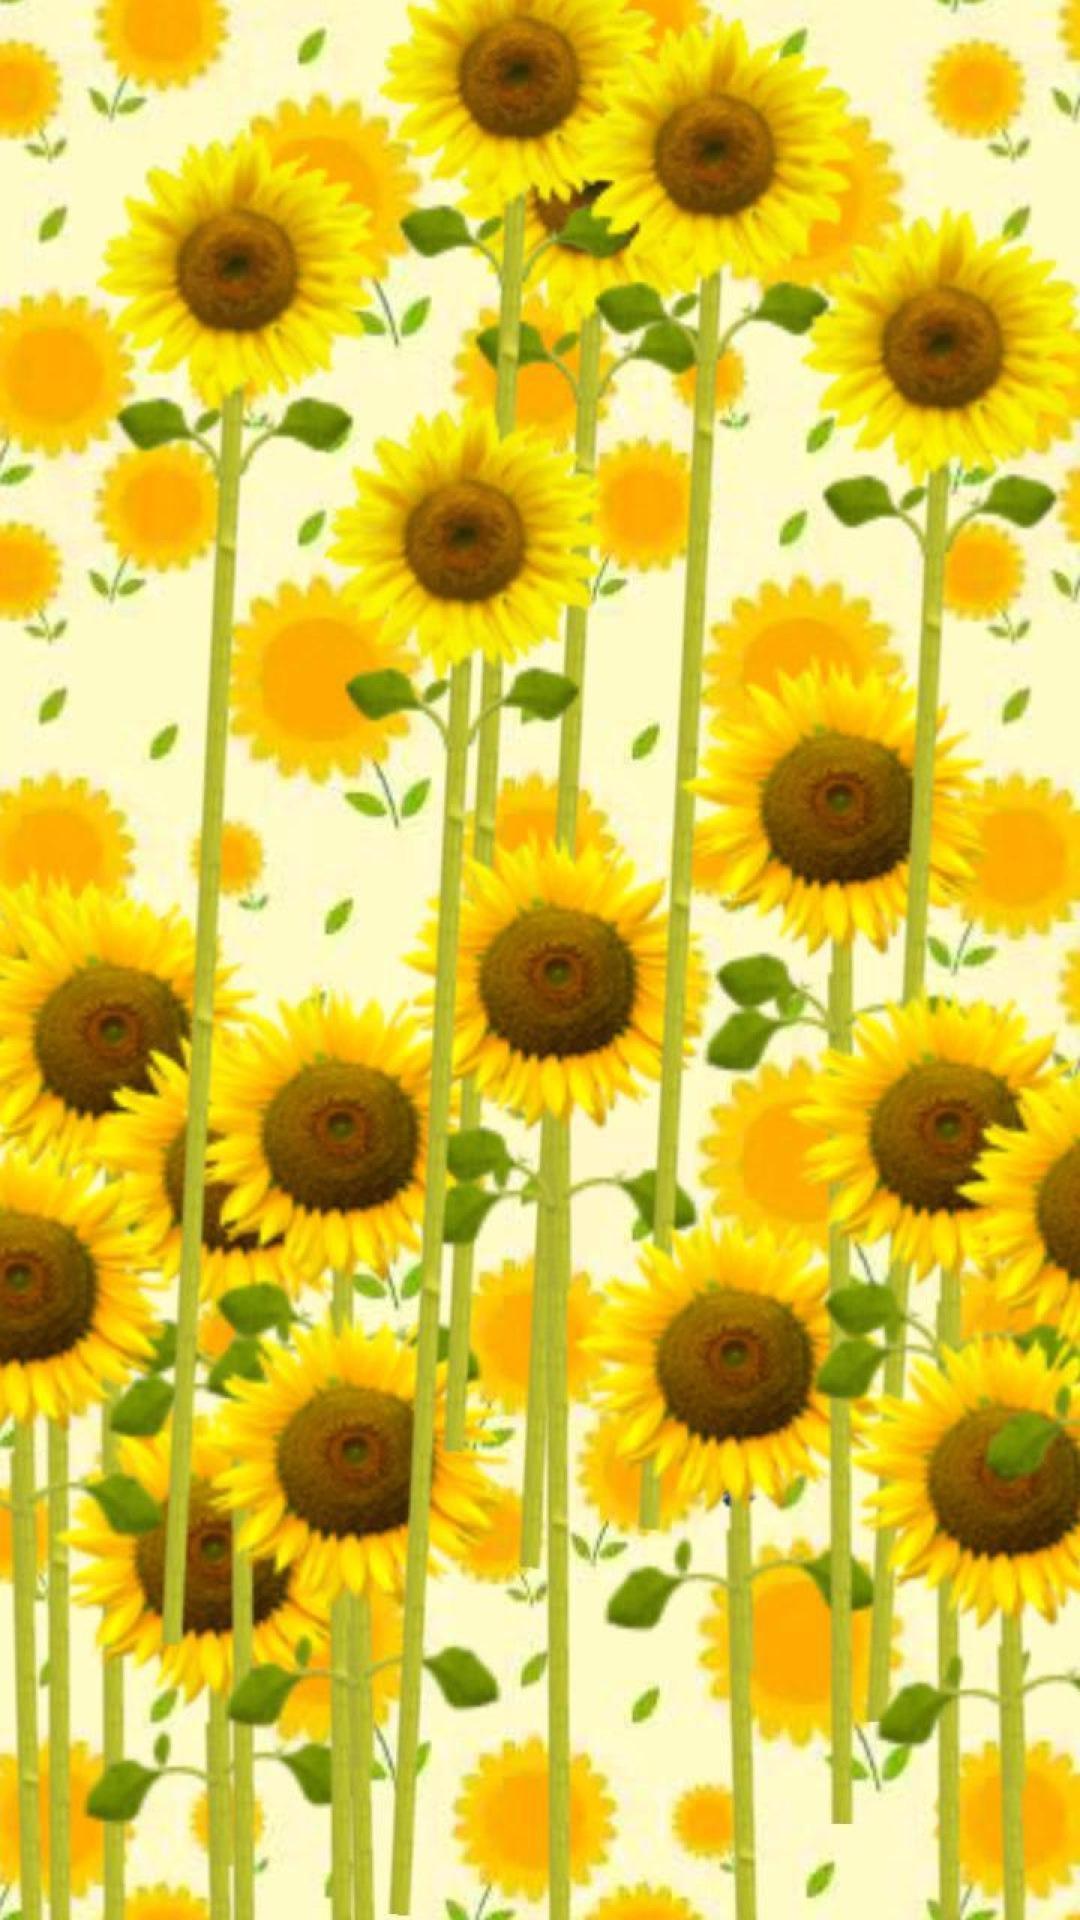 壁纸梵高向日葵-壁纸